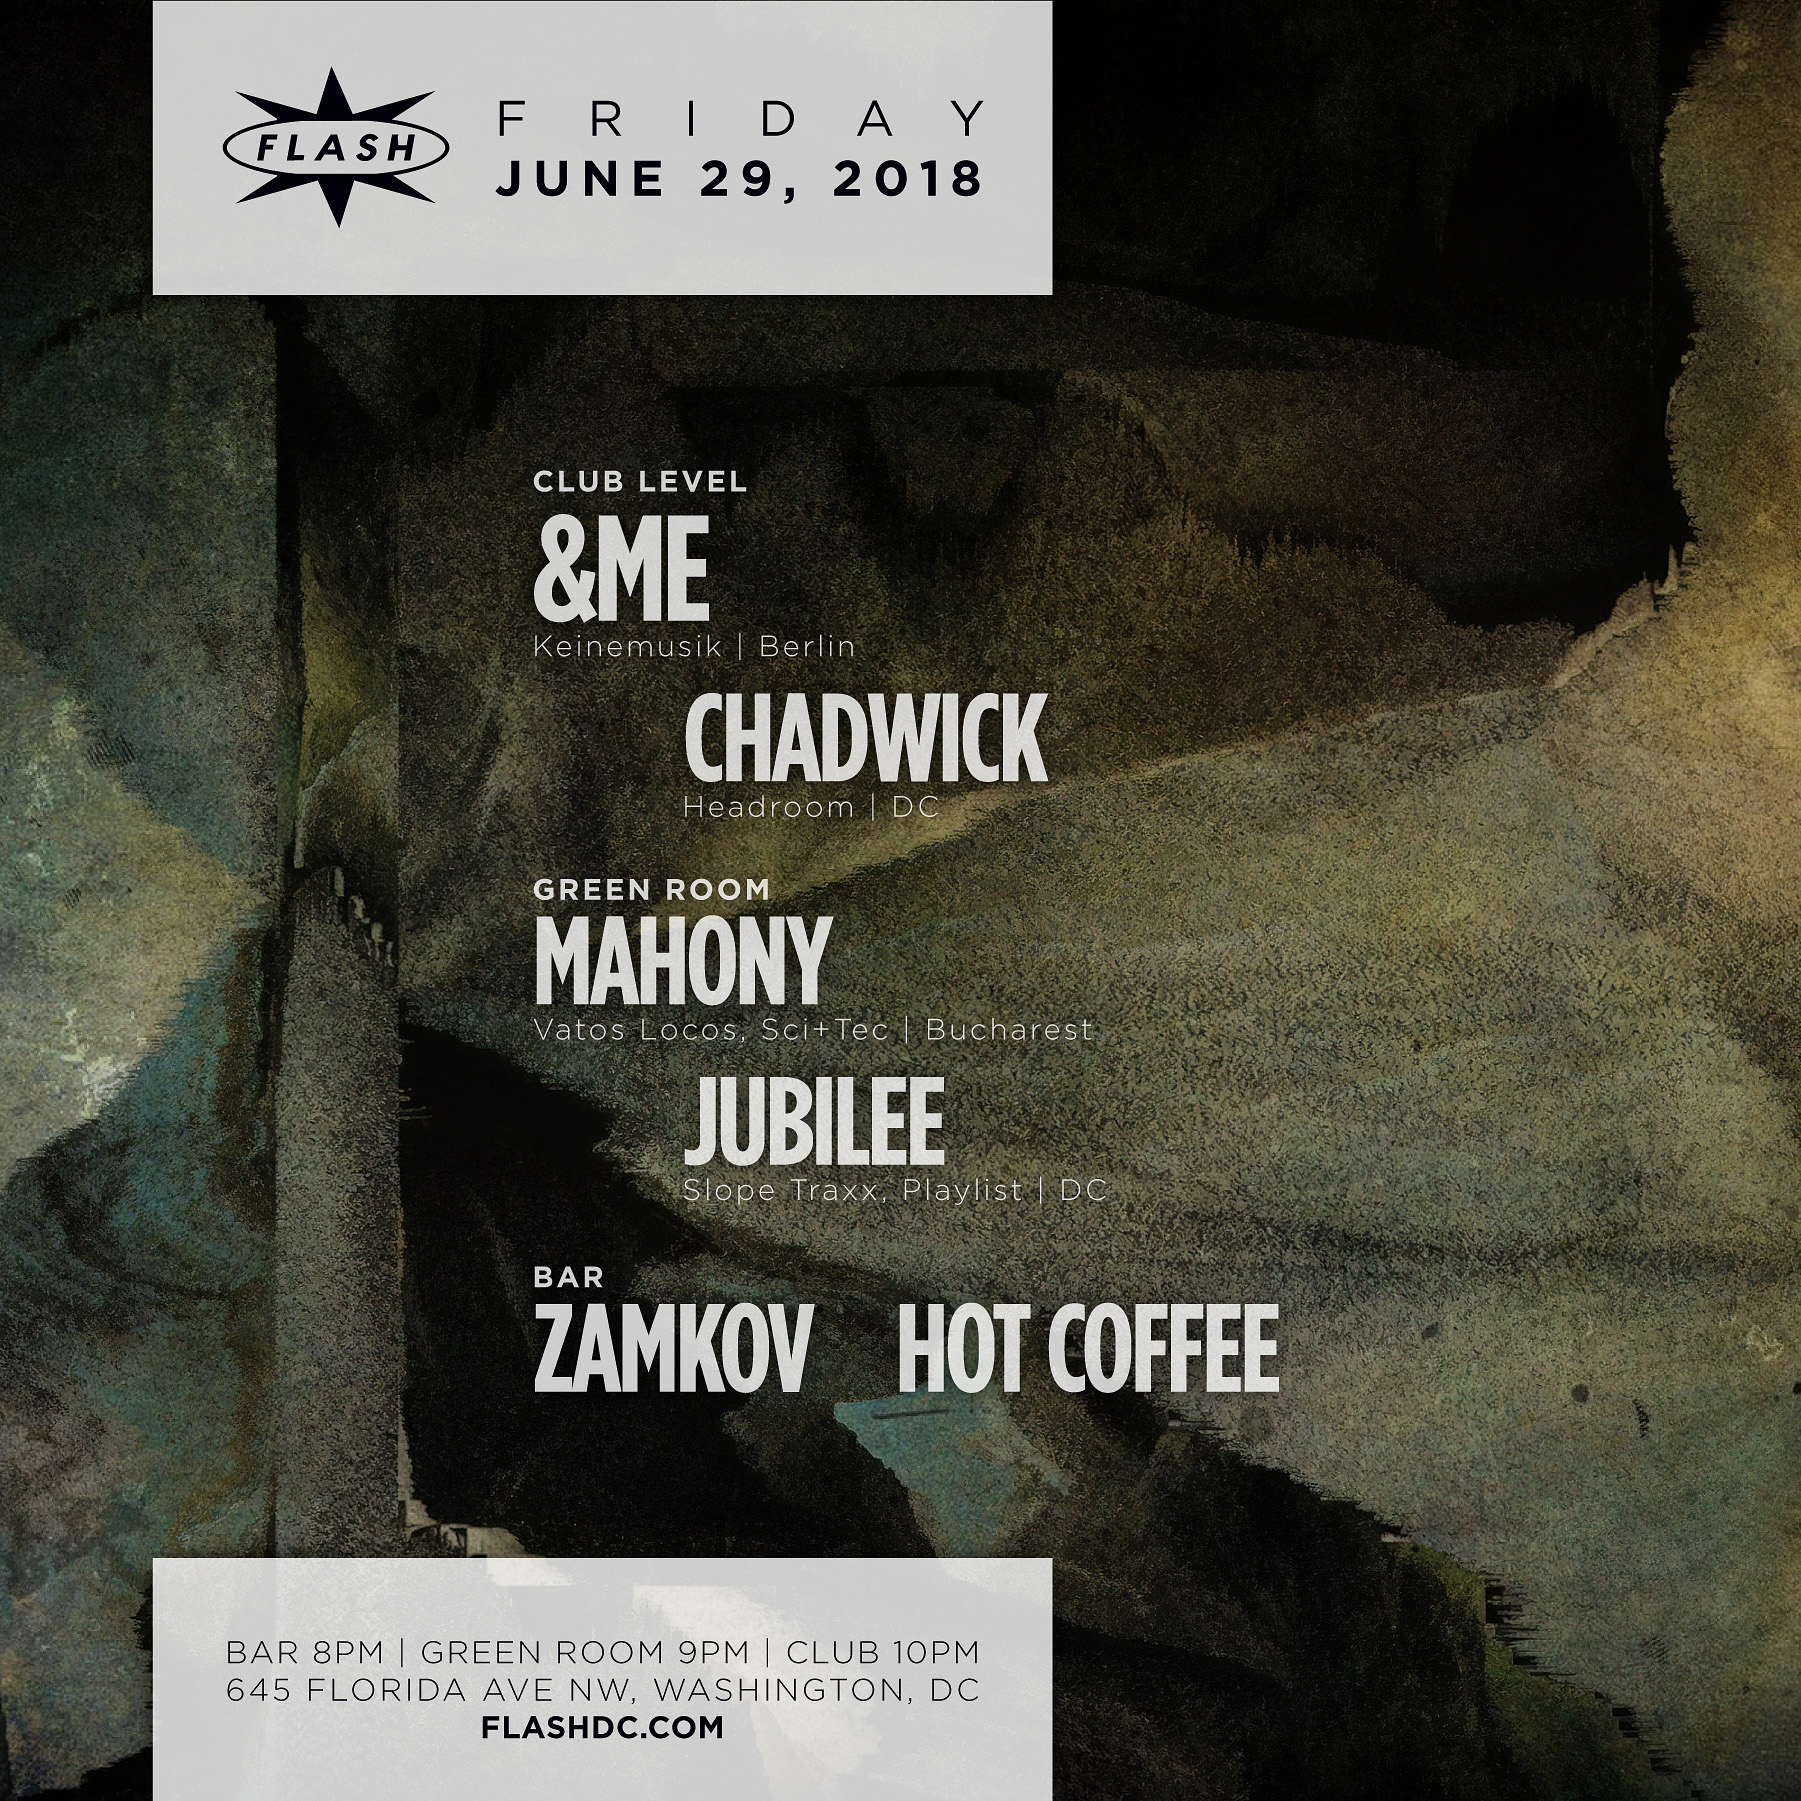 &ME - Mahony event thumbnail